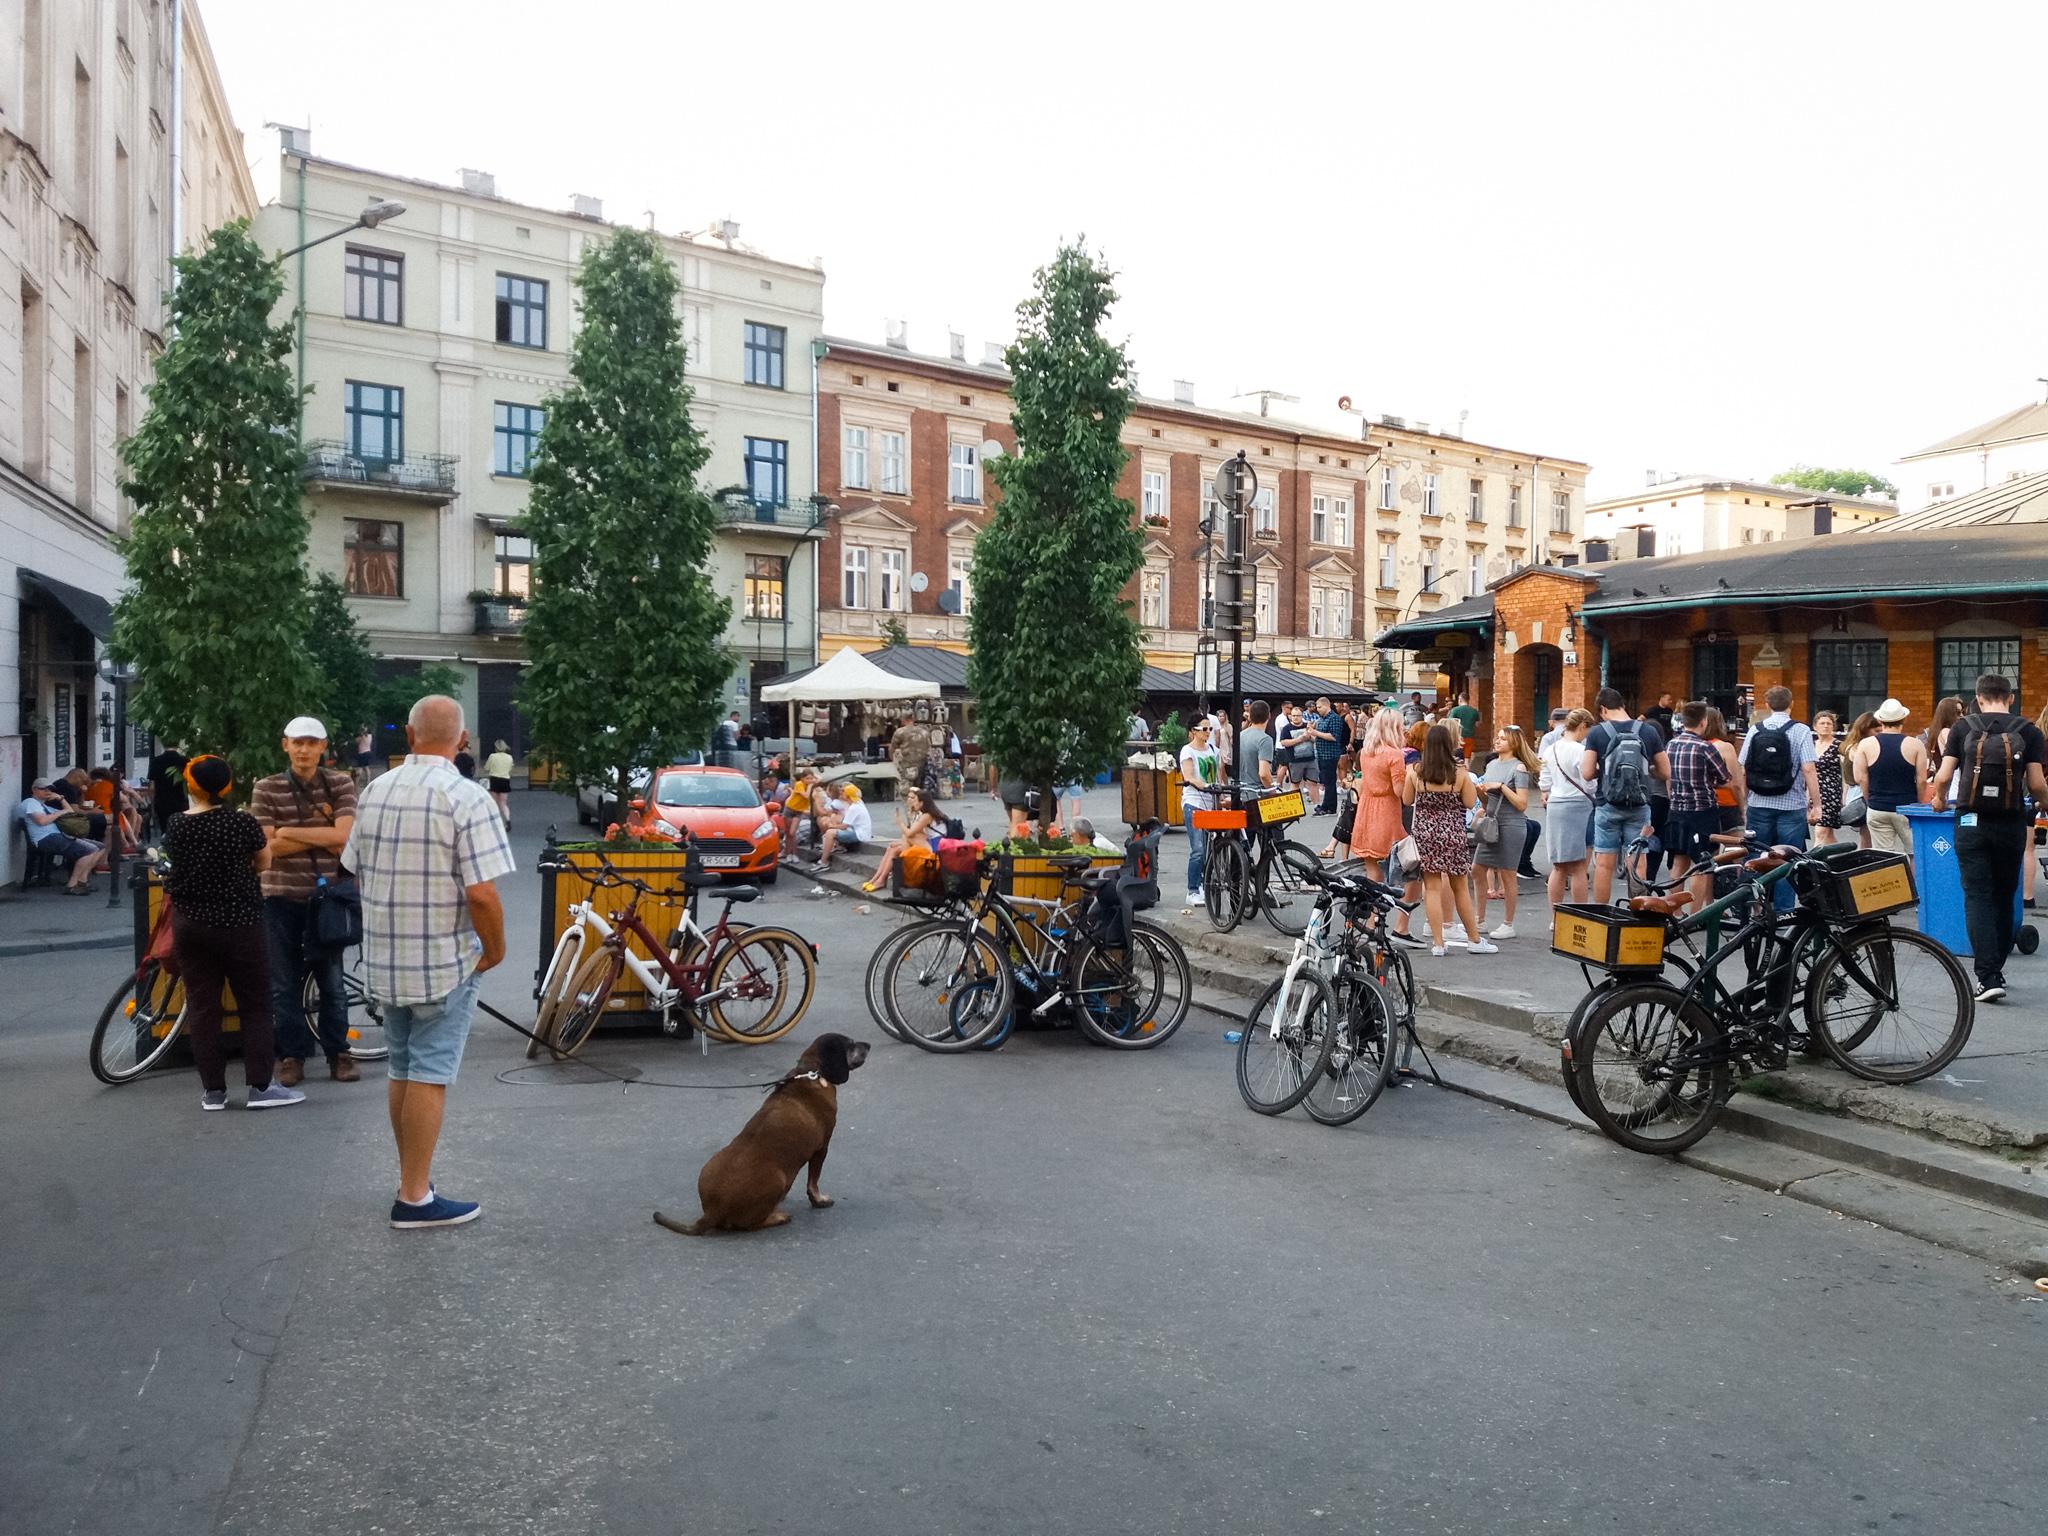 plac Nowy, kontynuacja działań w Krakowie, rok 2019, fot. Aleksander Gurgul